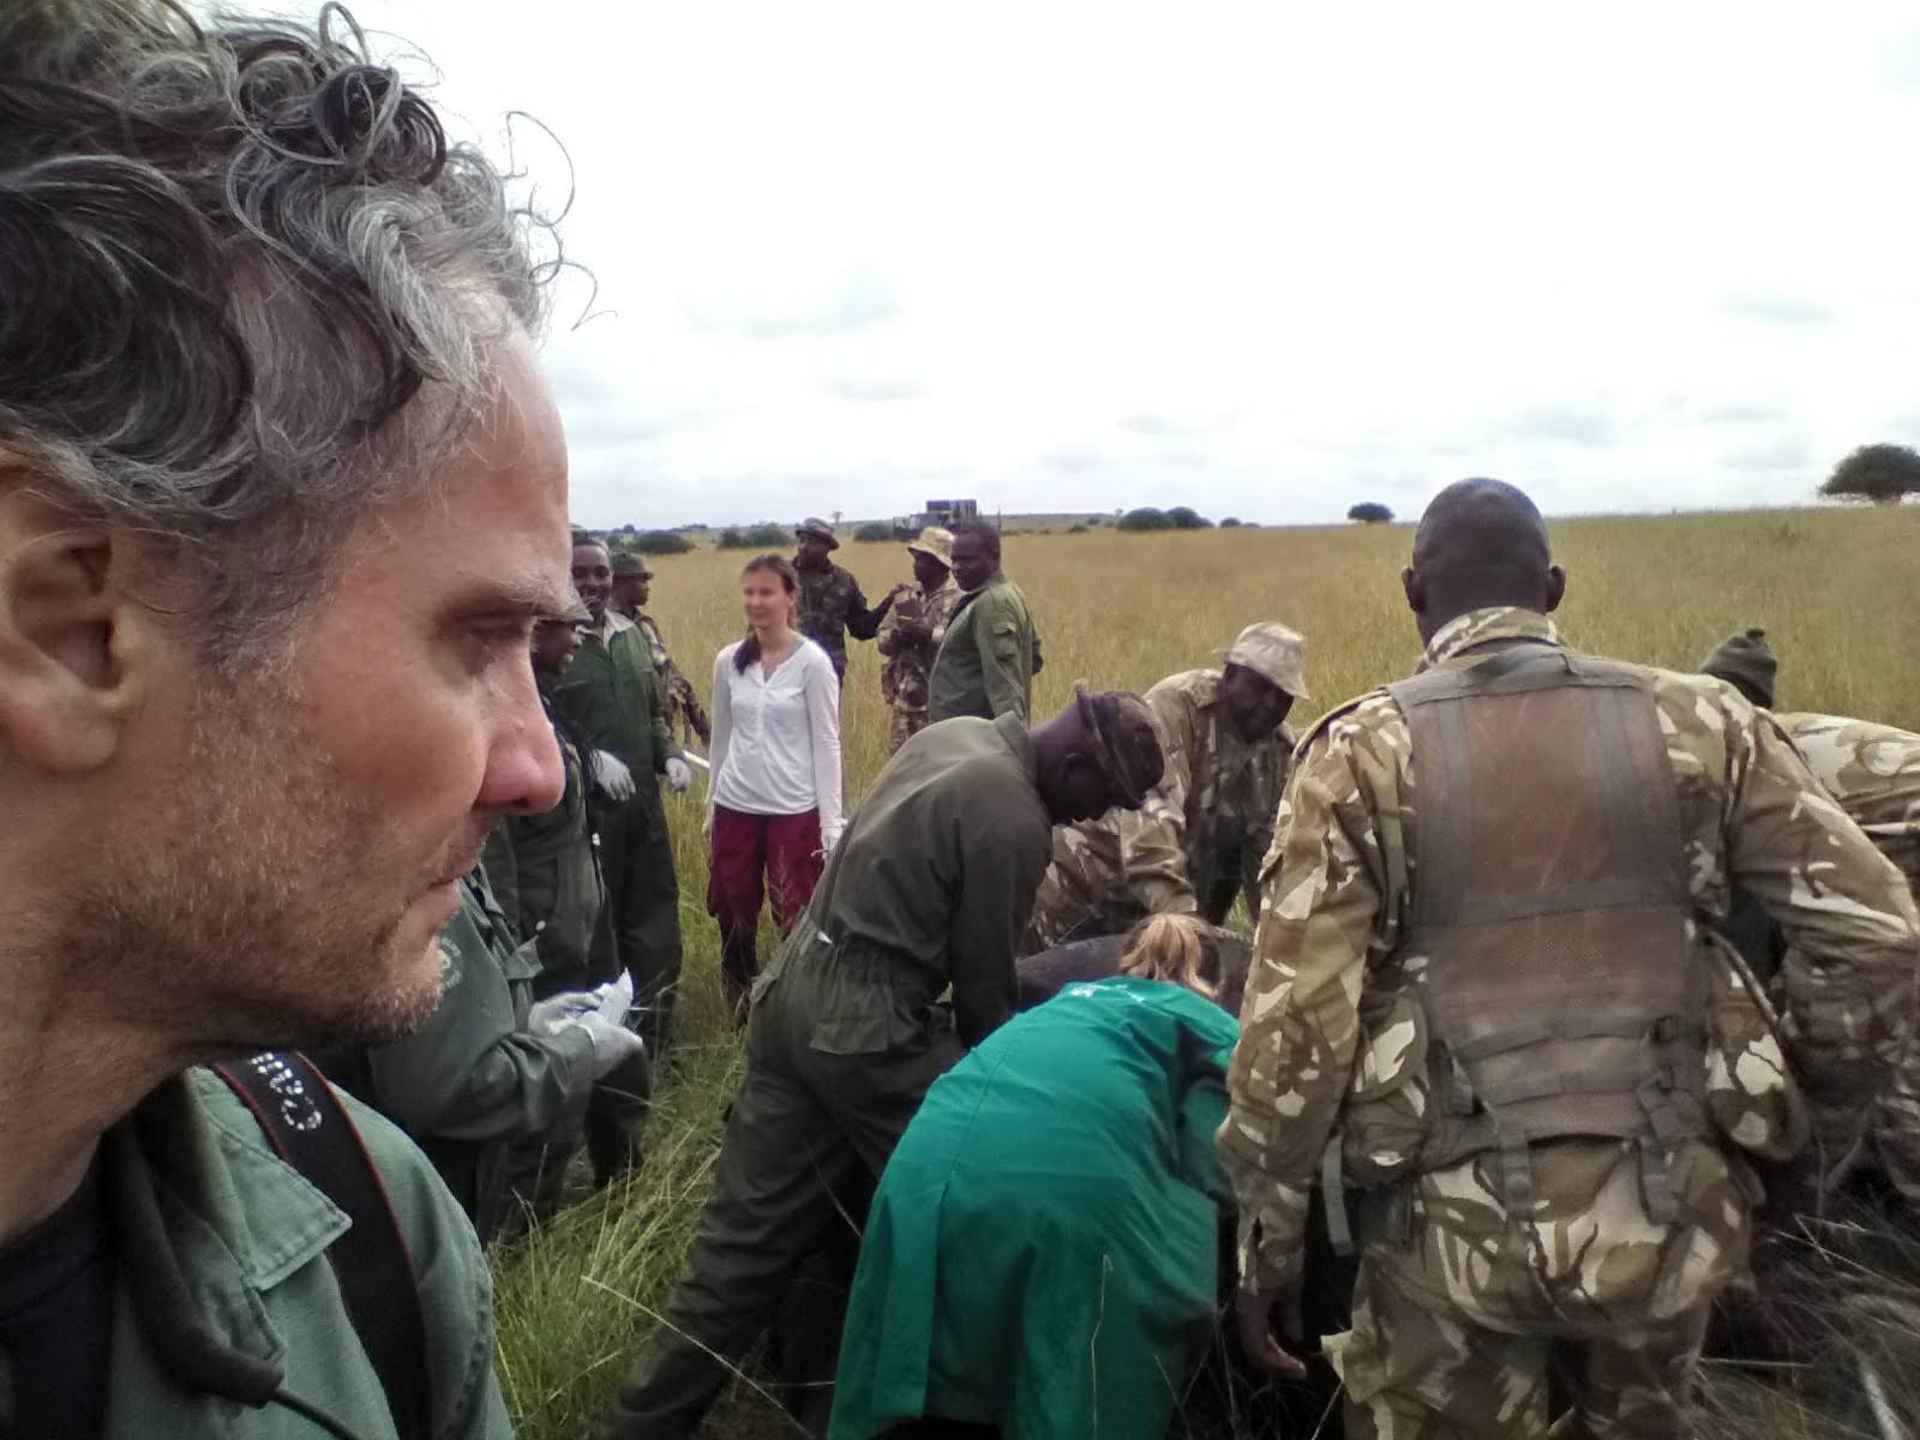 Phillipp Goeltenboth bei der Umsiedlung der Nashörner im Tsavo East Nationalpark in Kenia.